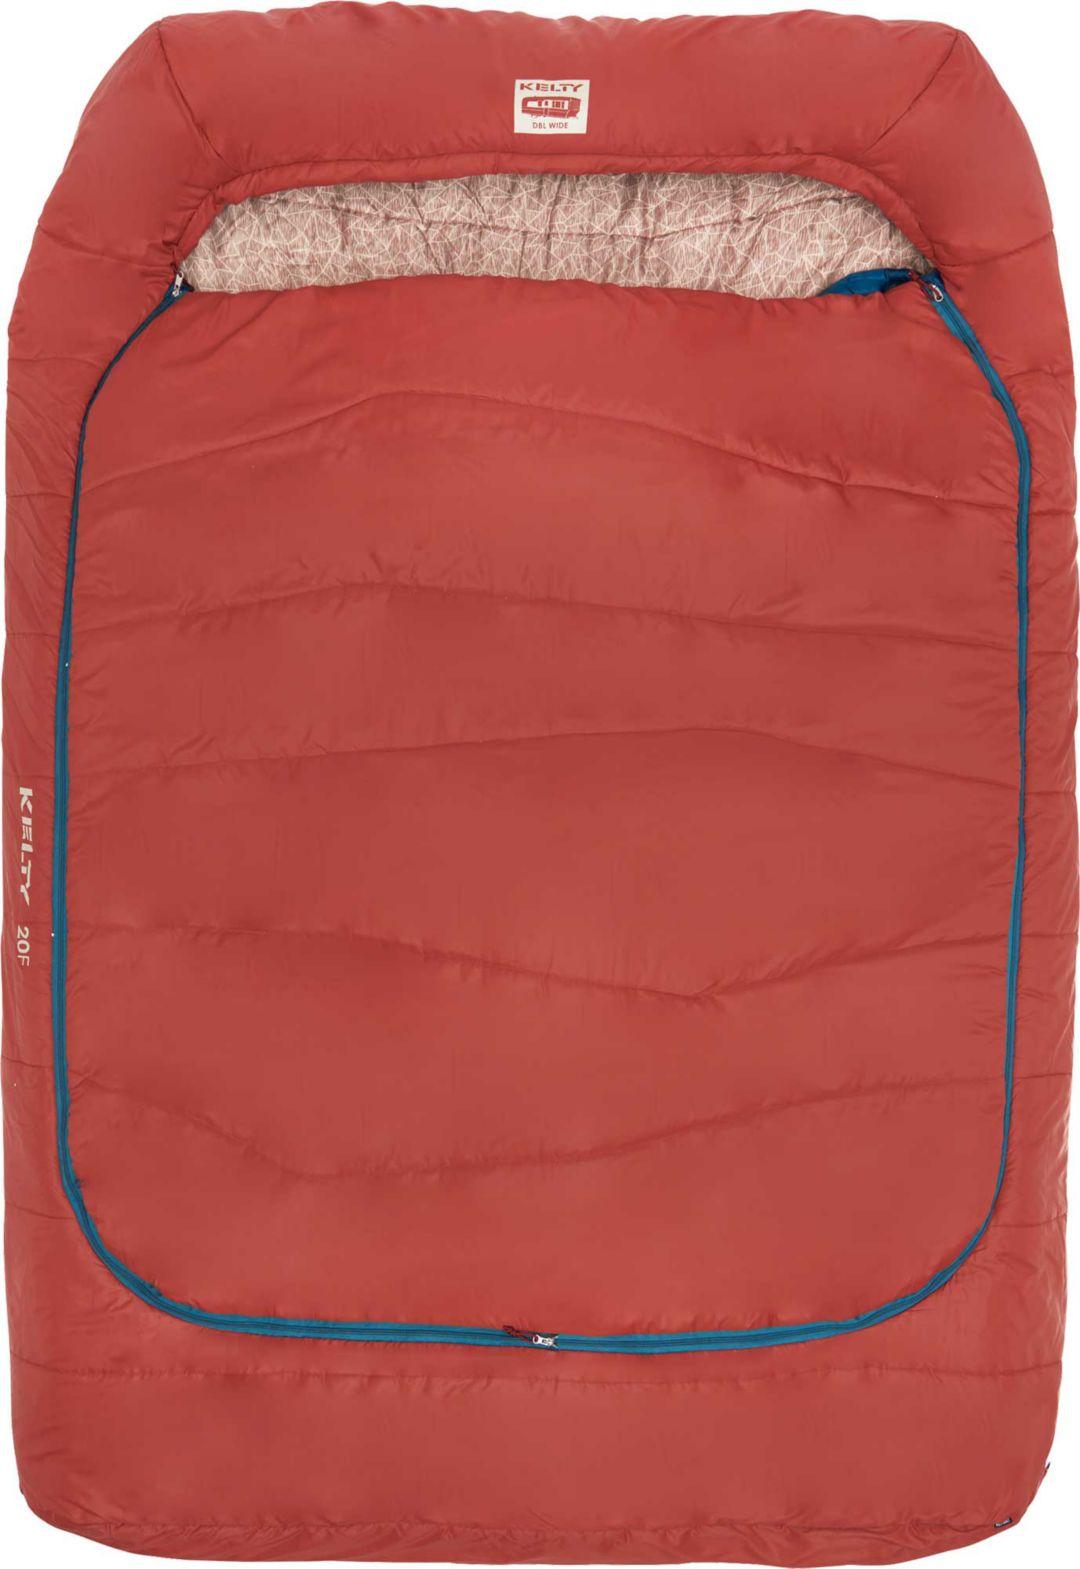 Kelty Tru Comfort Doublewide 20 Sleeping Bag